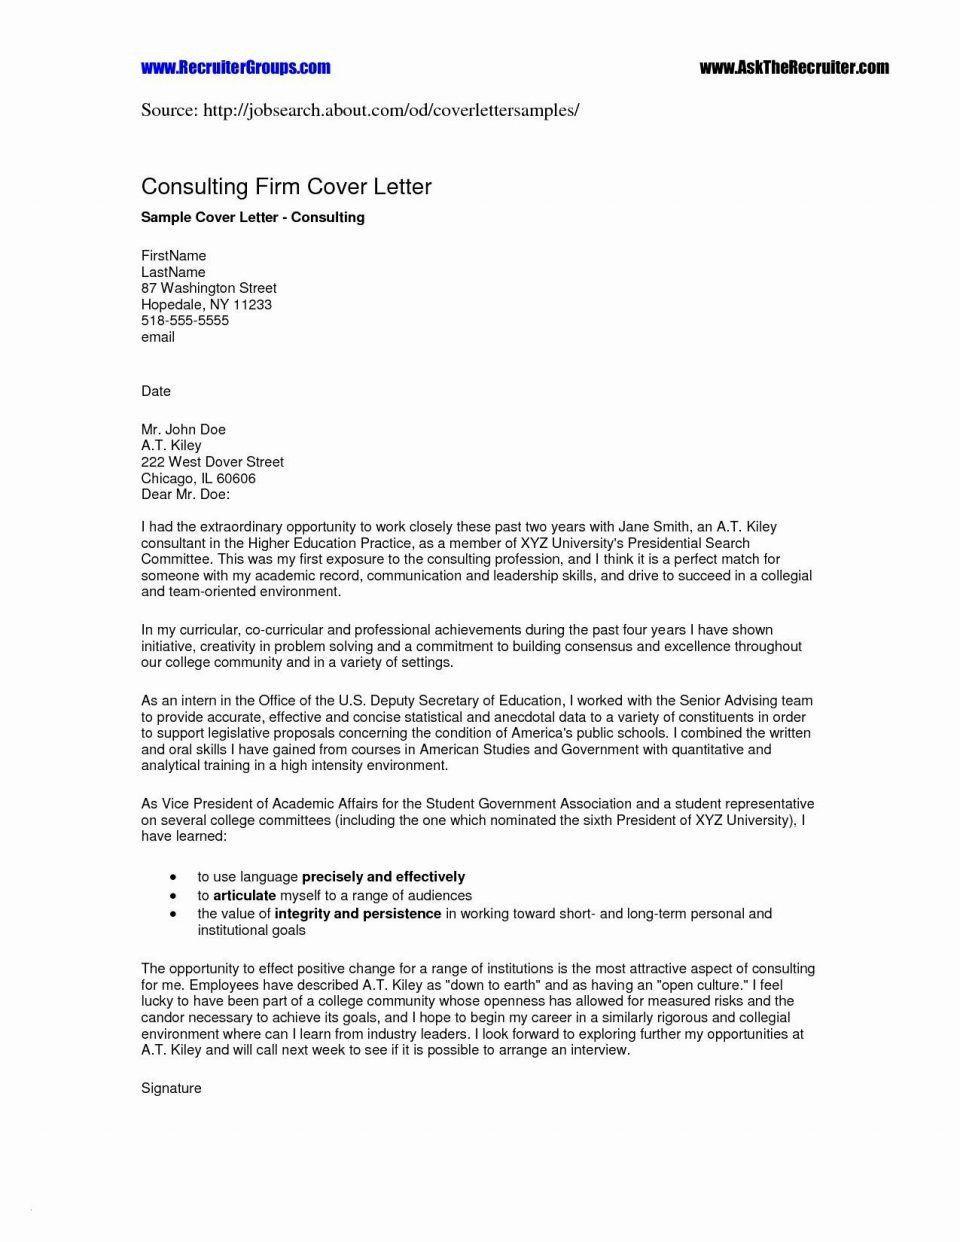 Teacher Assistant Job Description For Resume Beautiful Teacher Aide Job Description Resume Examples P In 2020 Cover Letter For Resume Cover Letter Sample Letter Sample